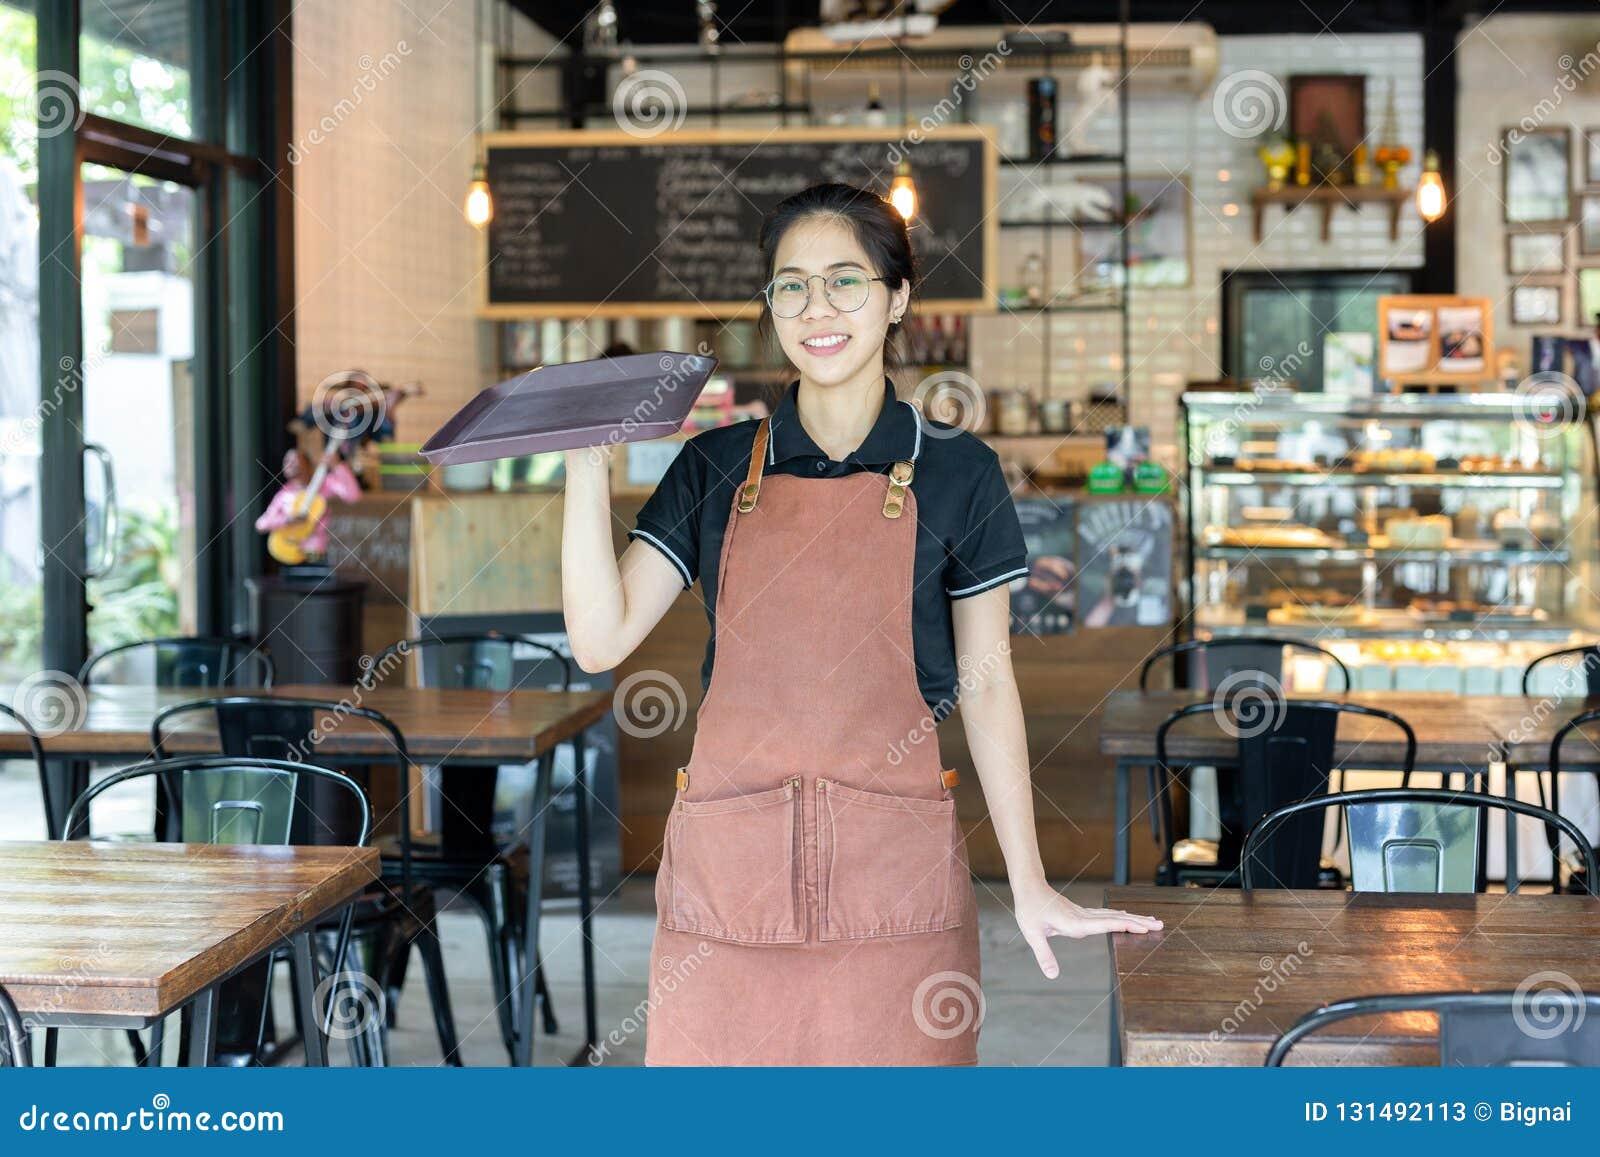 Retrato de los waiteress que sostienen la bandeja vacía en una cafetería